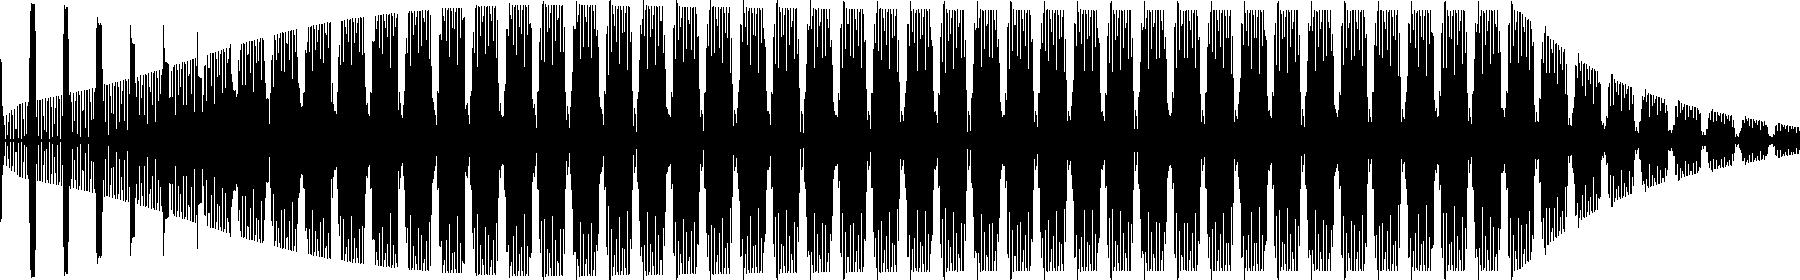 veh2 synths   020 c